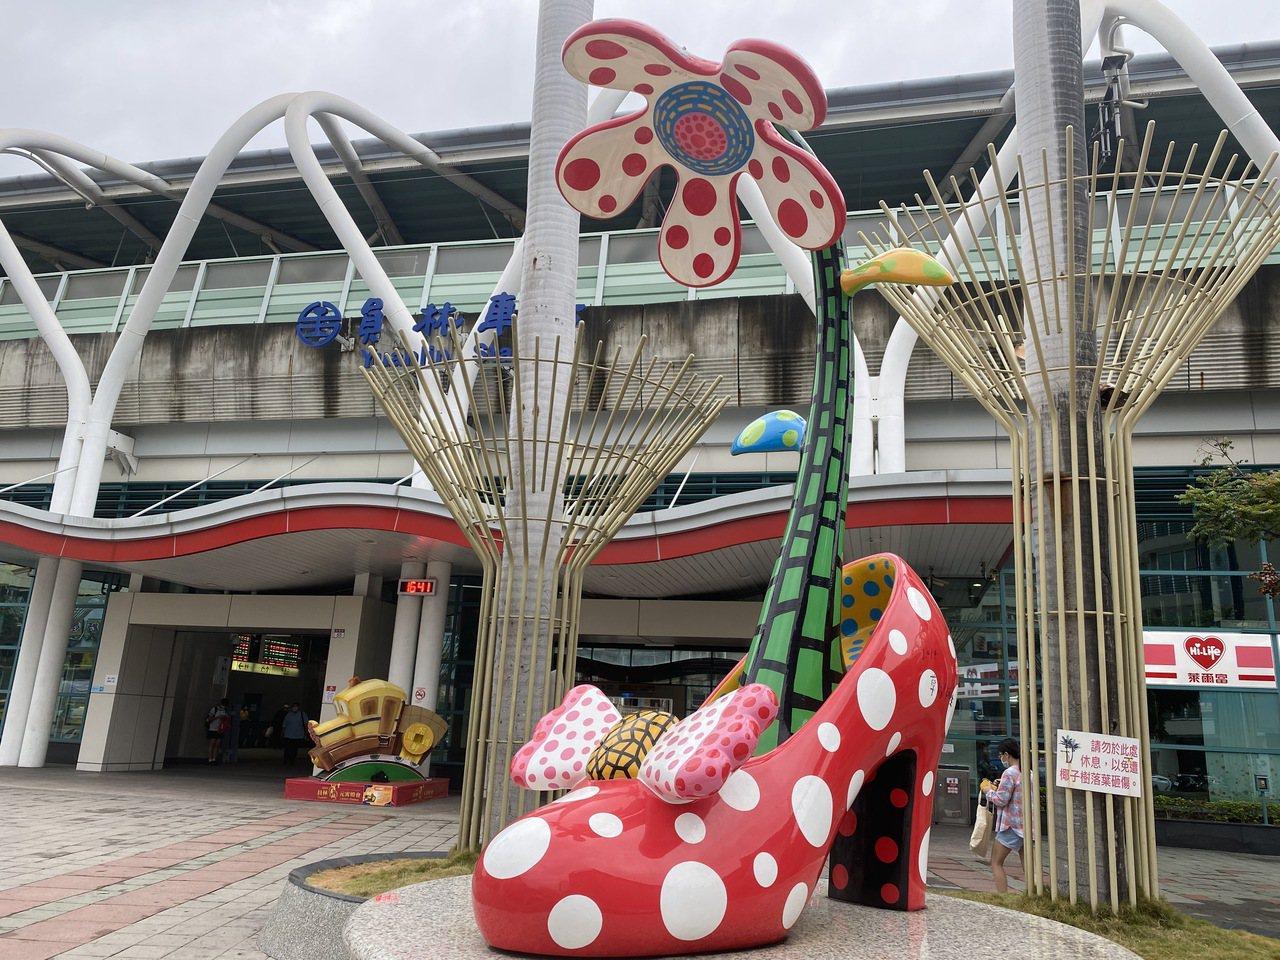 台鐵員林火車站廣場前有草間彌生的「高跟鞋」裝置藝術。 圖/林宛諭 攝影